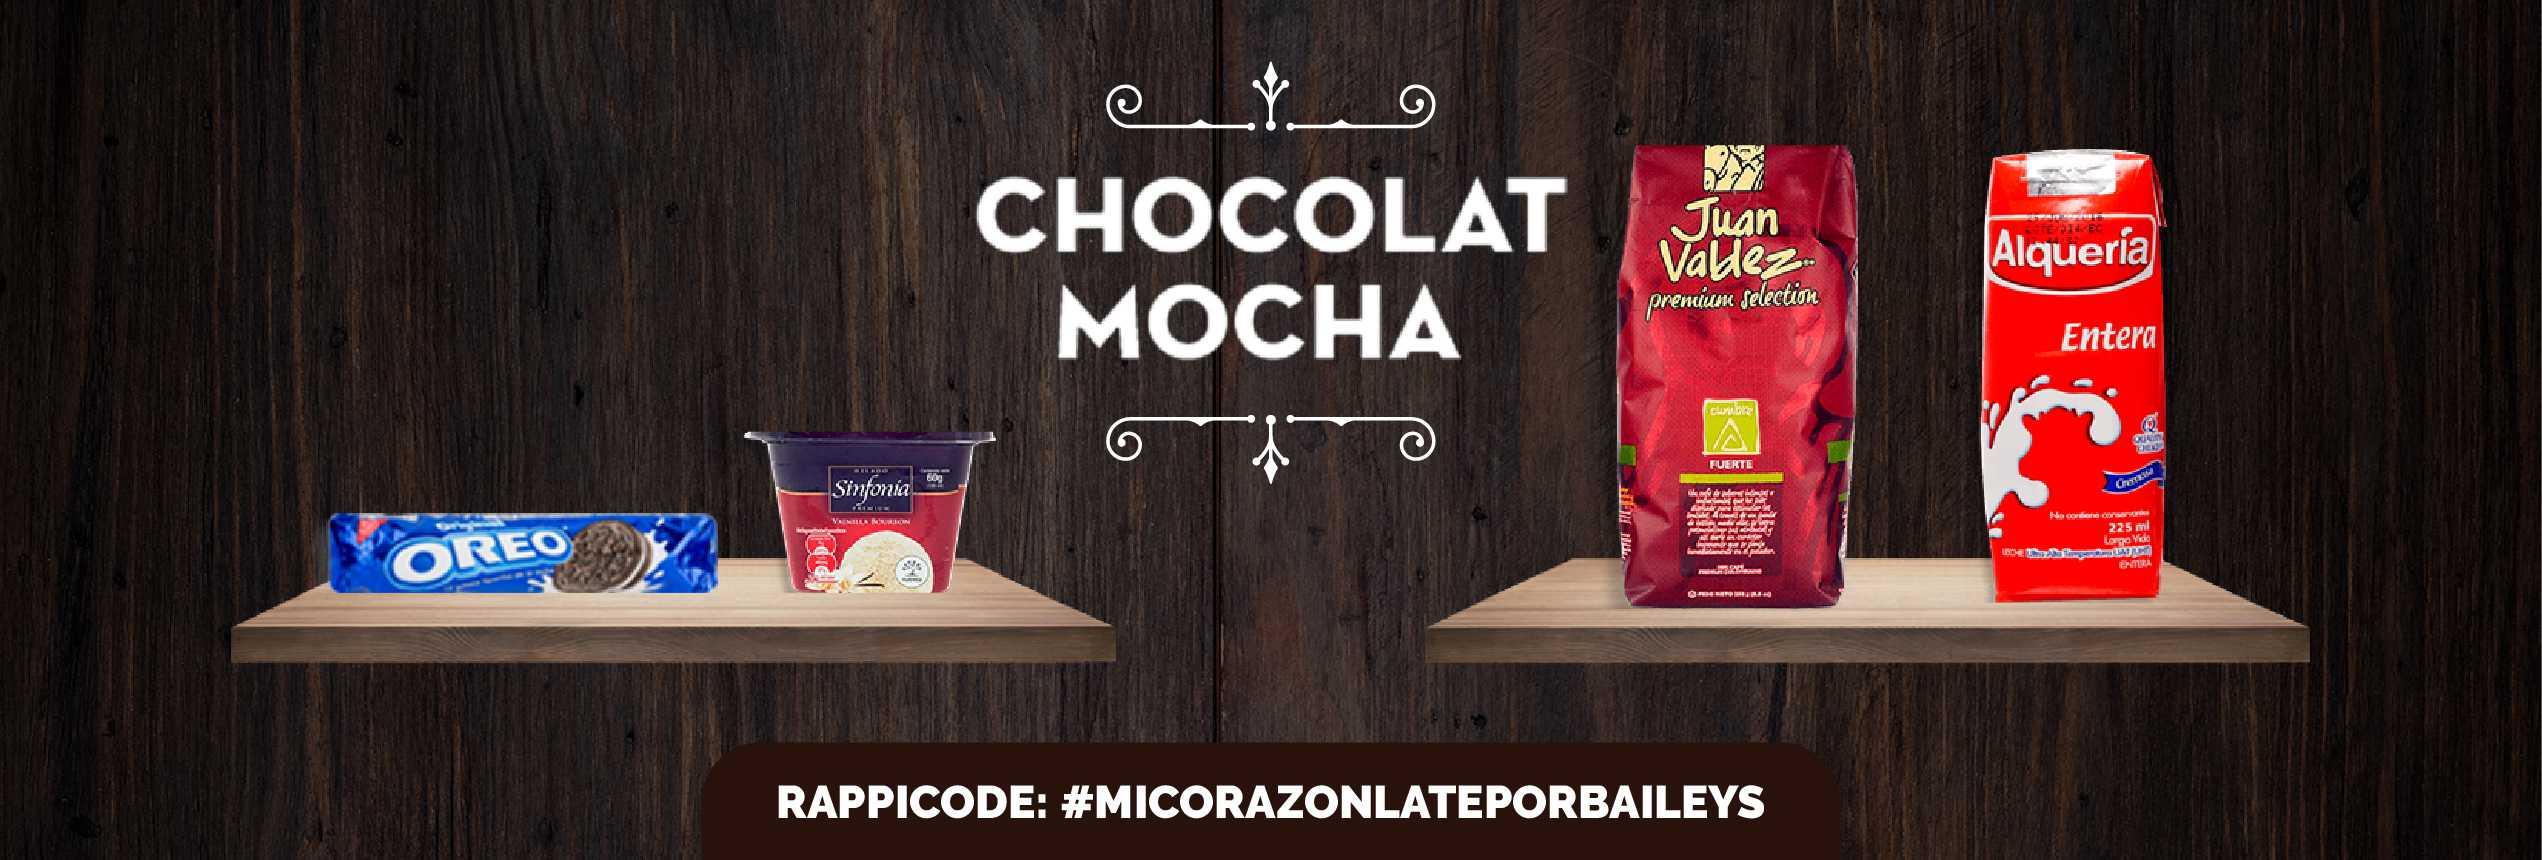 Chocolat Mocha